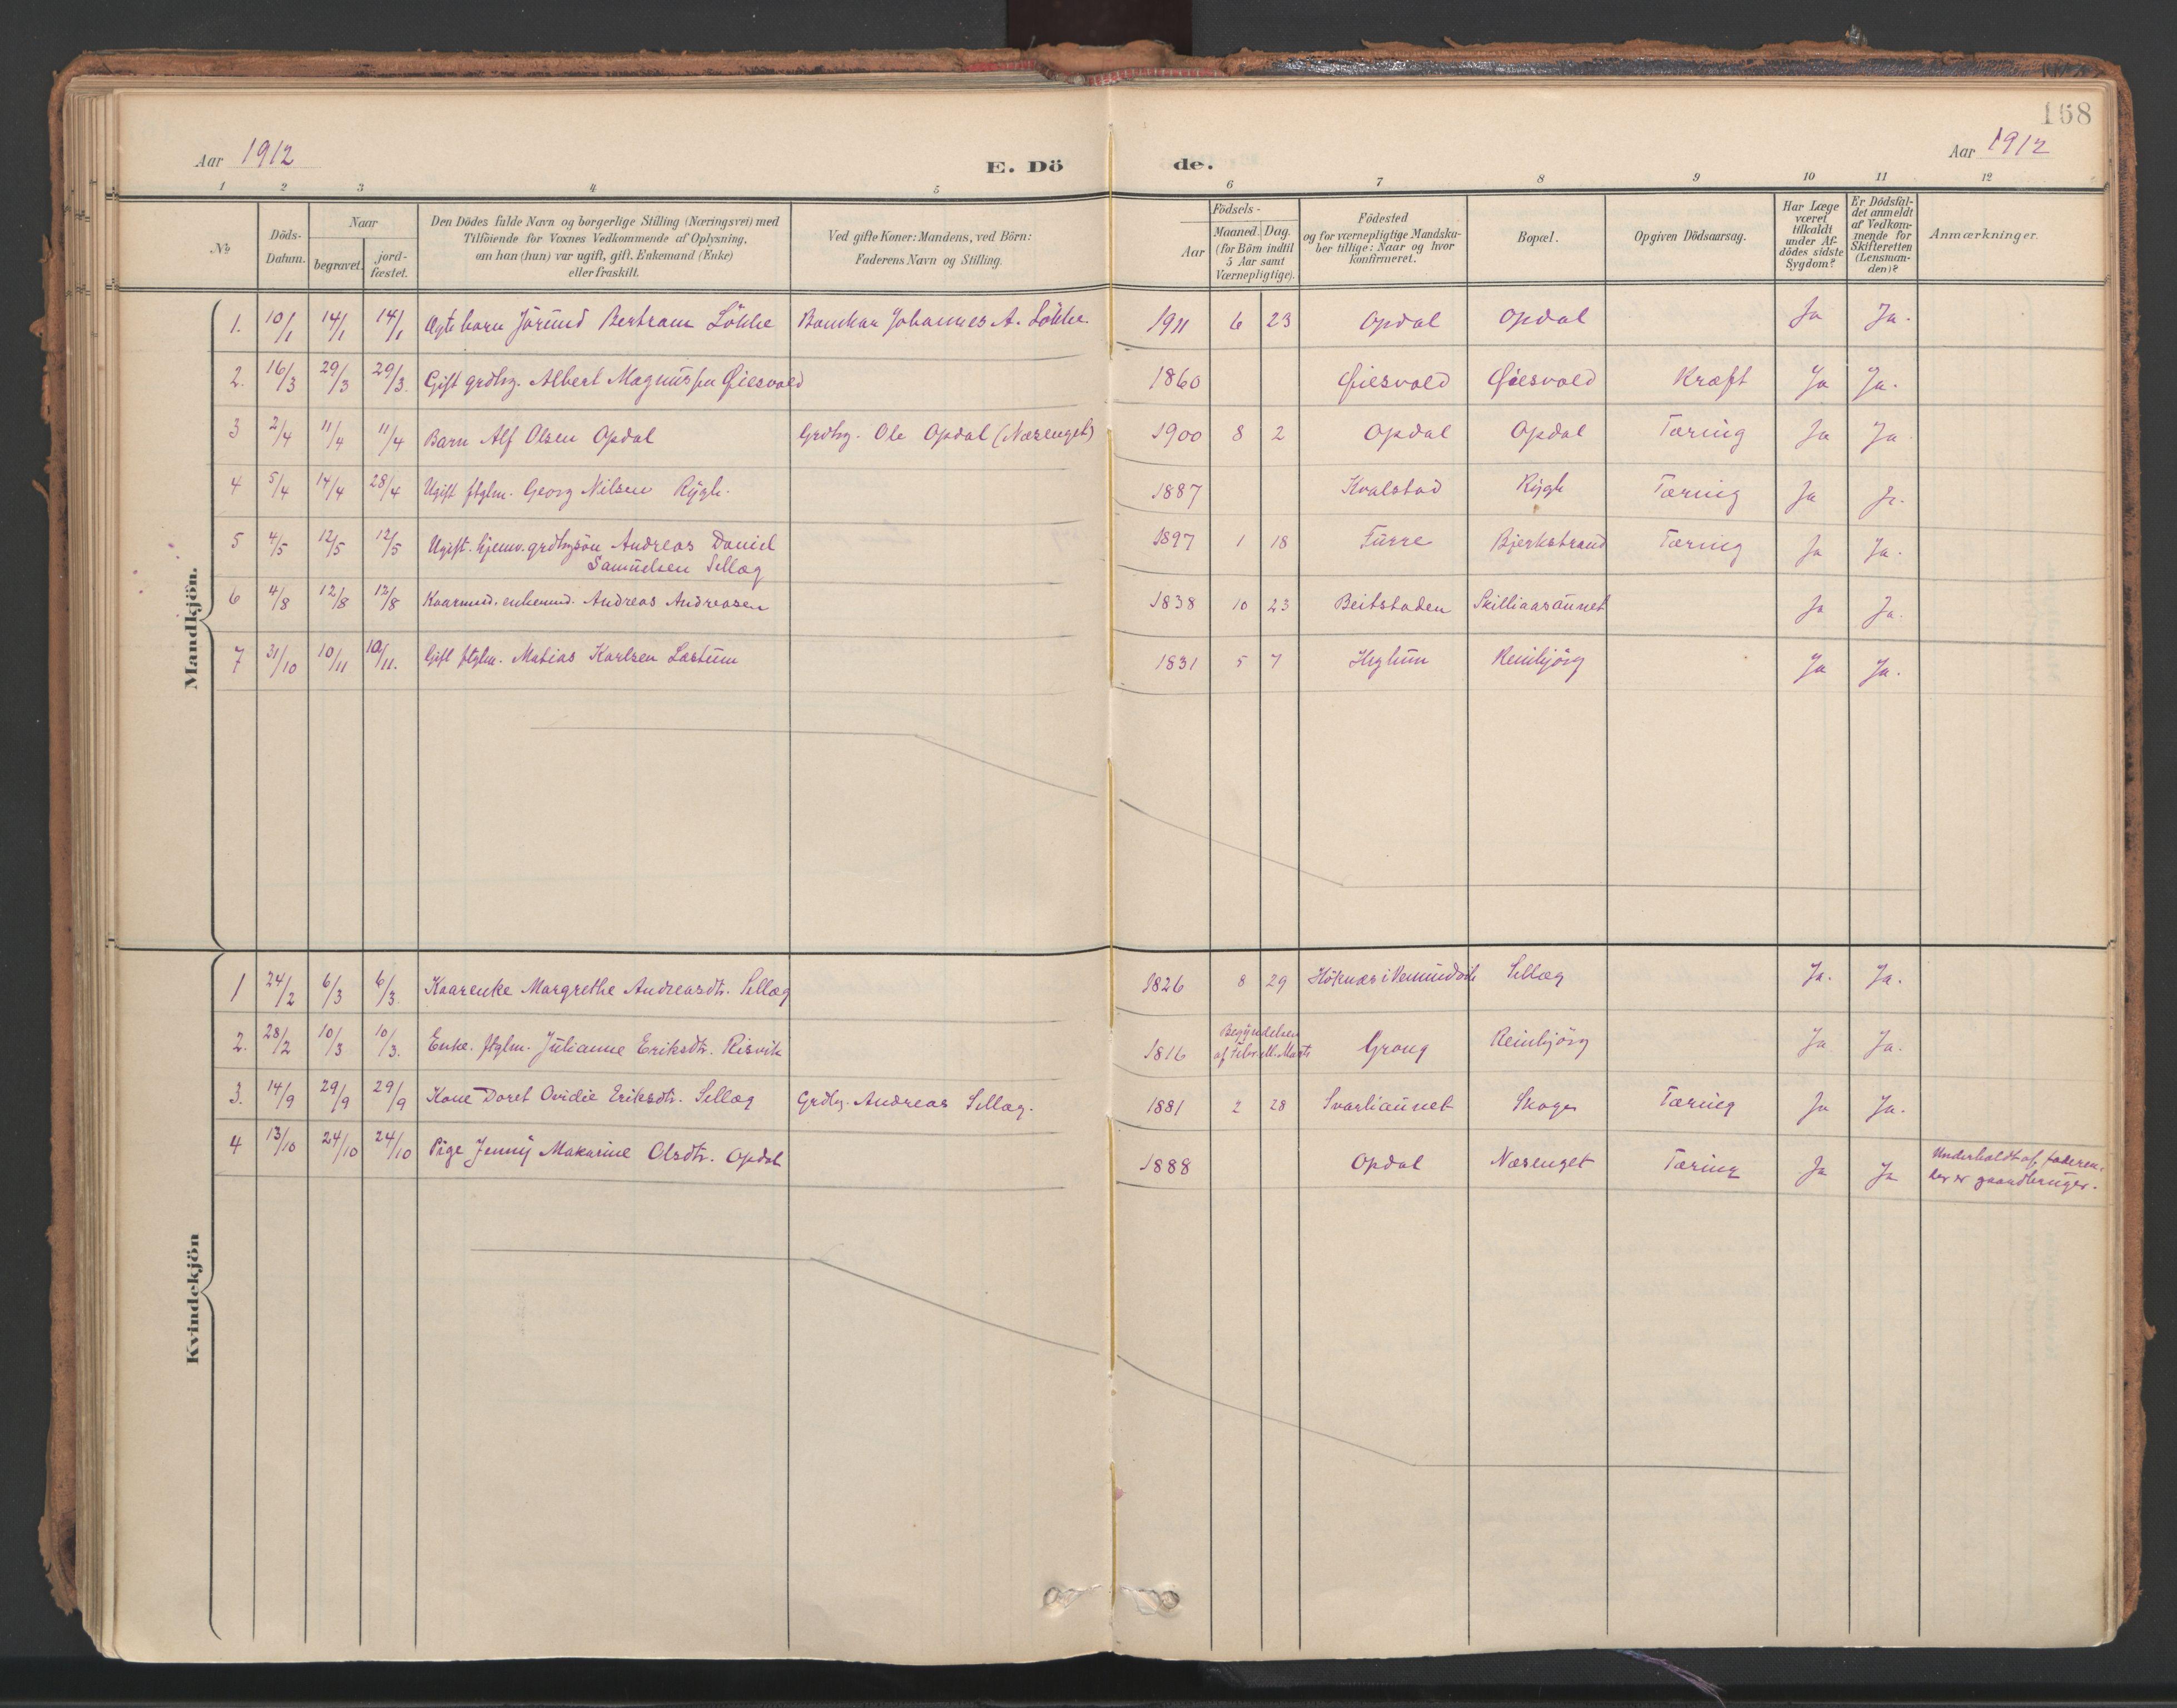 SAT, Ministerialprotokoller, klokkerbøker og fødselsregistre - Nord-Trøndelag, 766/L0564: Ministerialbok nr. 767A02, 1900-1932, s. 168